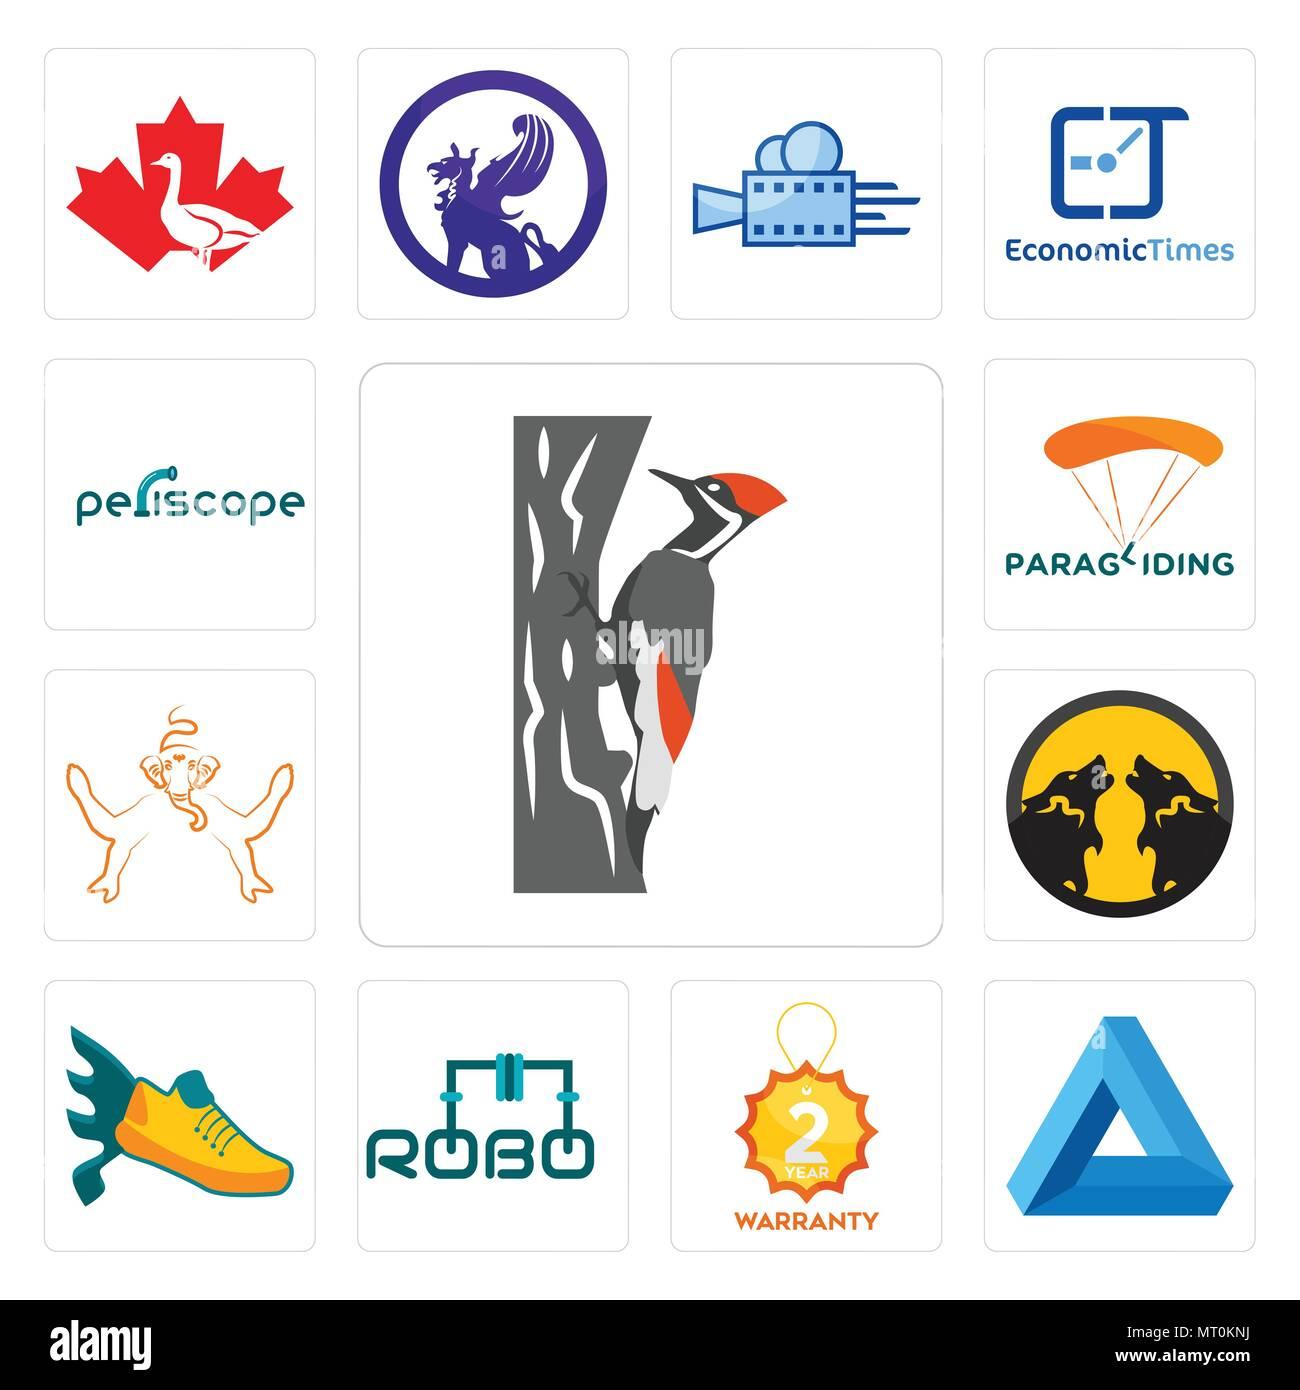 Conjunto de 13 iconos editables sencillos como el pájaro carpintero, el triángulo de Penrose, 2 año de garantía, robo, volando Zapata, pack Wolf, Ganesh, parapente, periscope ca Imagen De Stock